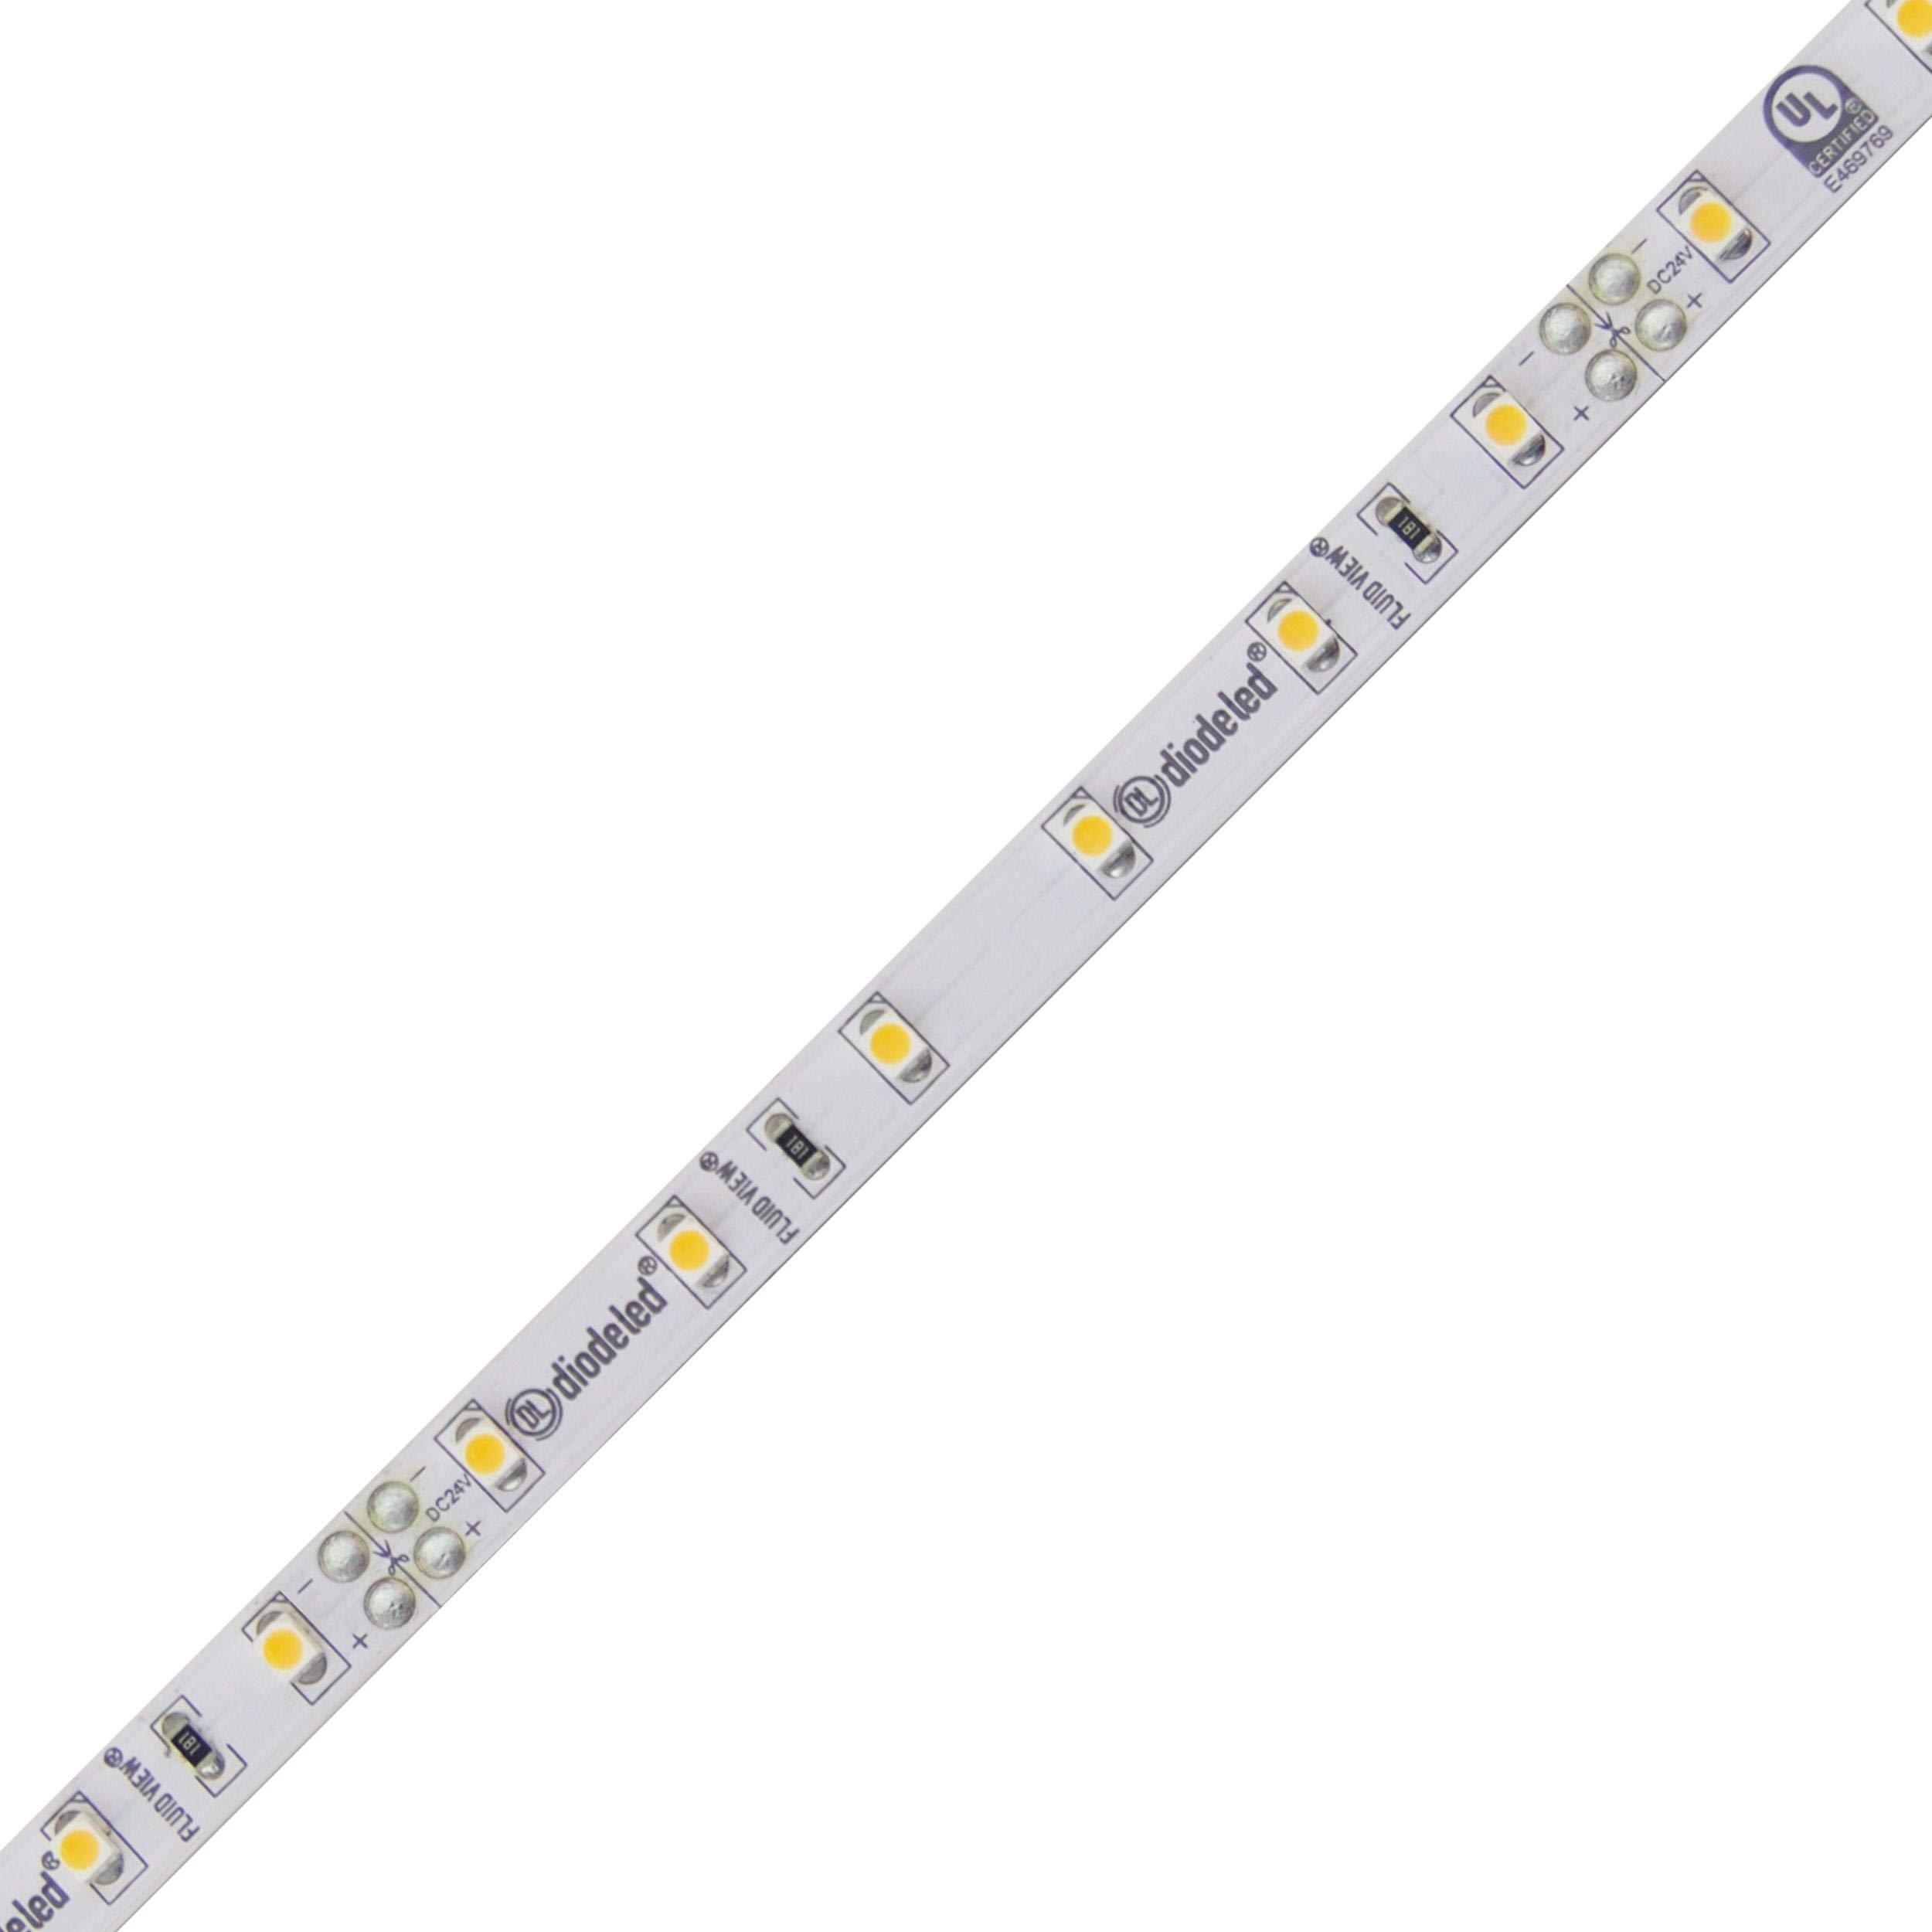 FLUID VIEW LED Tape Light 24V 2850K 92 CRI 16.4ft 1.44W/ft